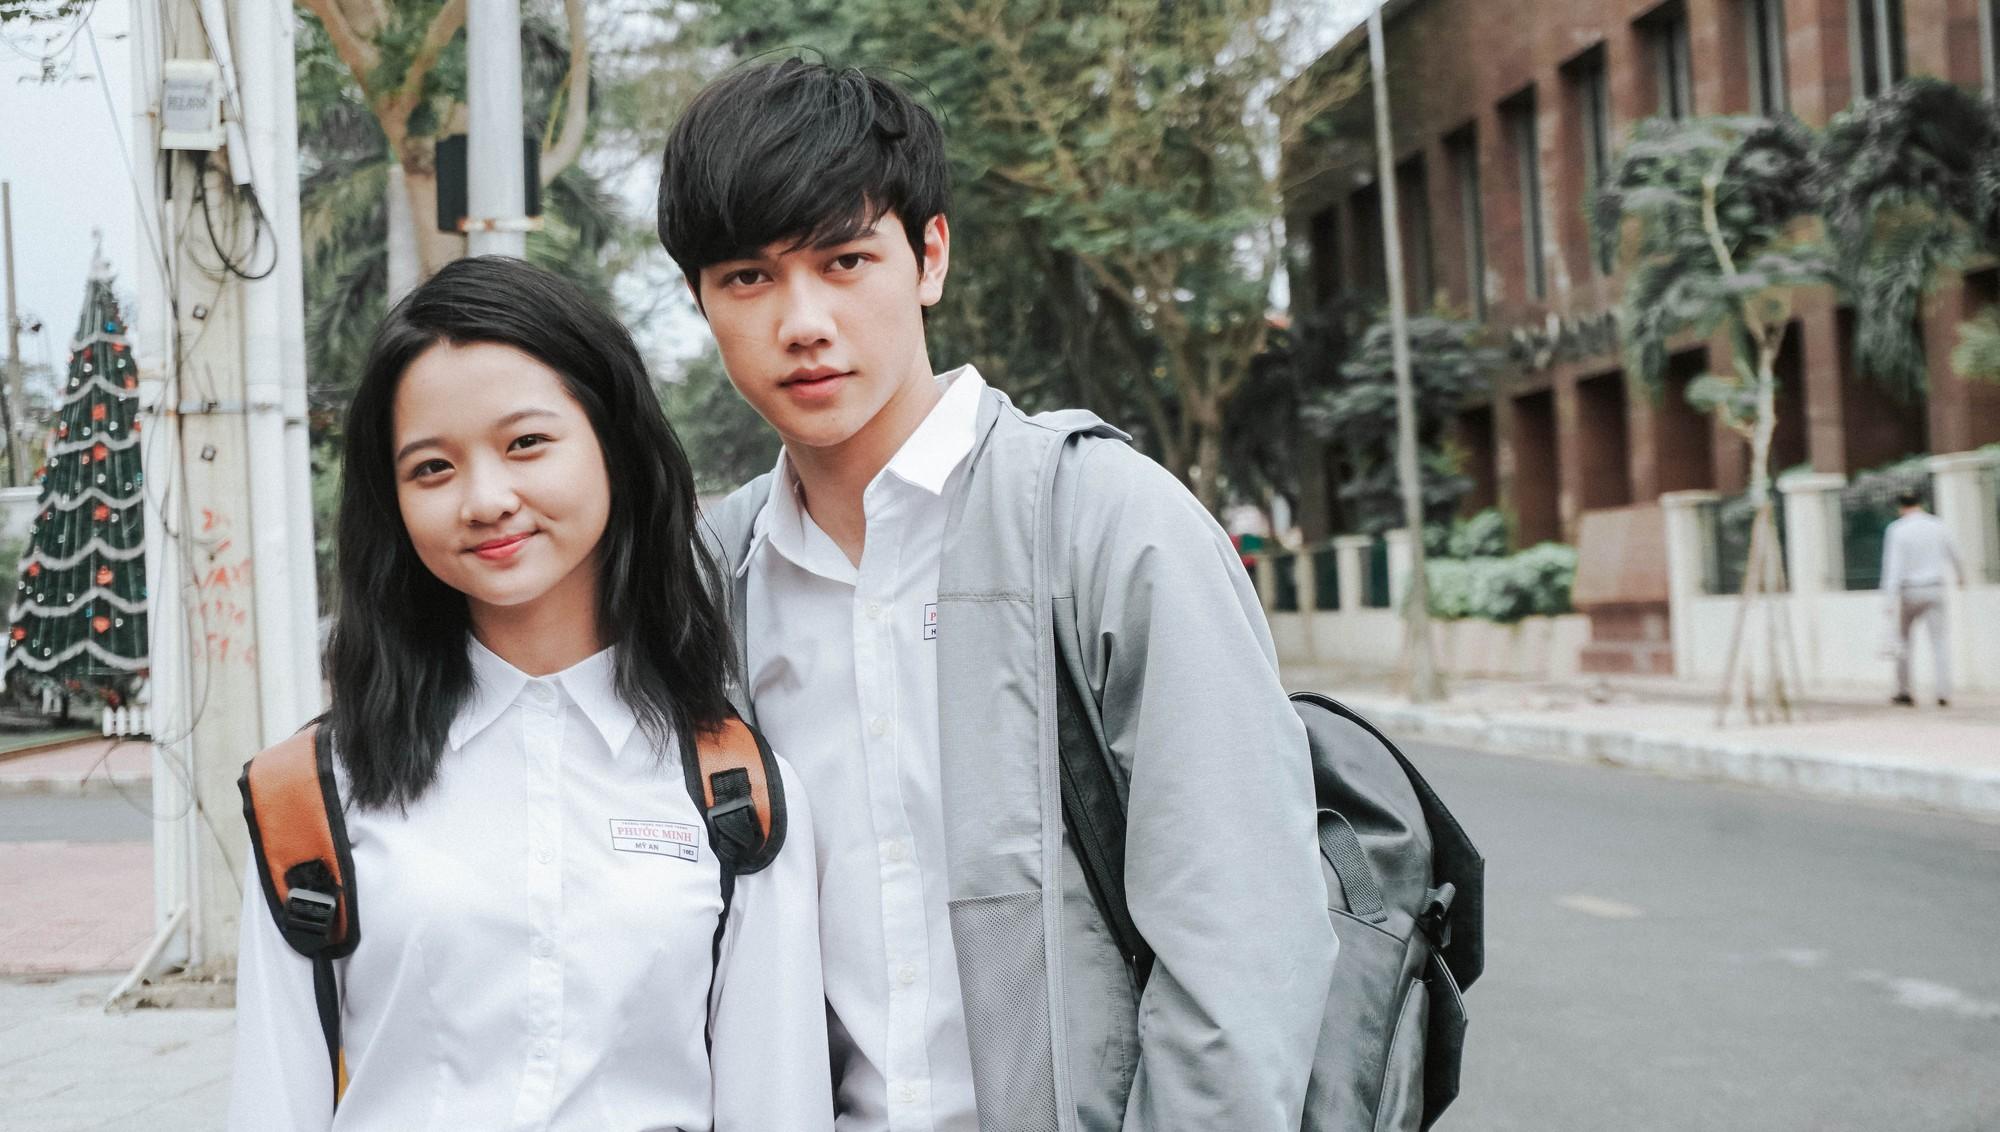 Loạt diễn viên nam thế hệ mới đáng trông chờ của điện ảnh Việt - Ảnh 7.